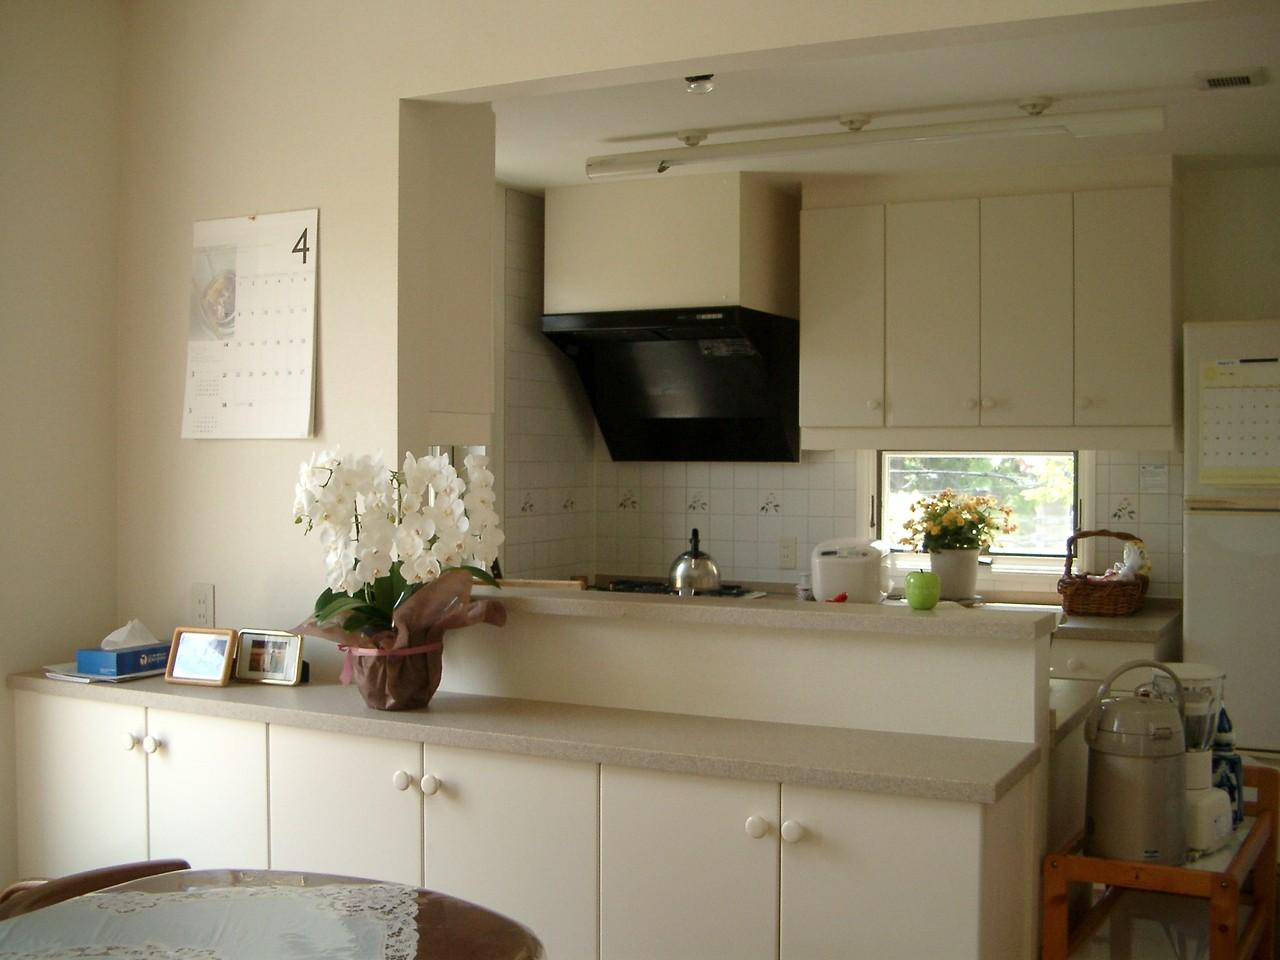 Hさんの家(市川市)キッチン2